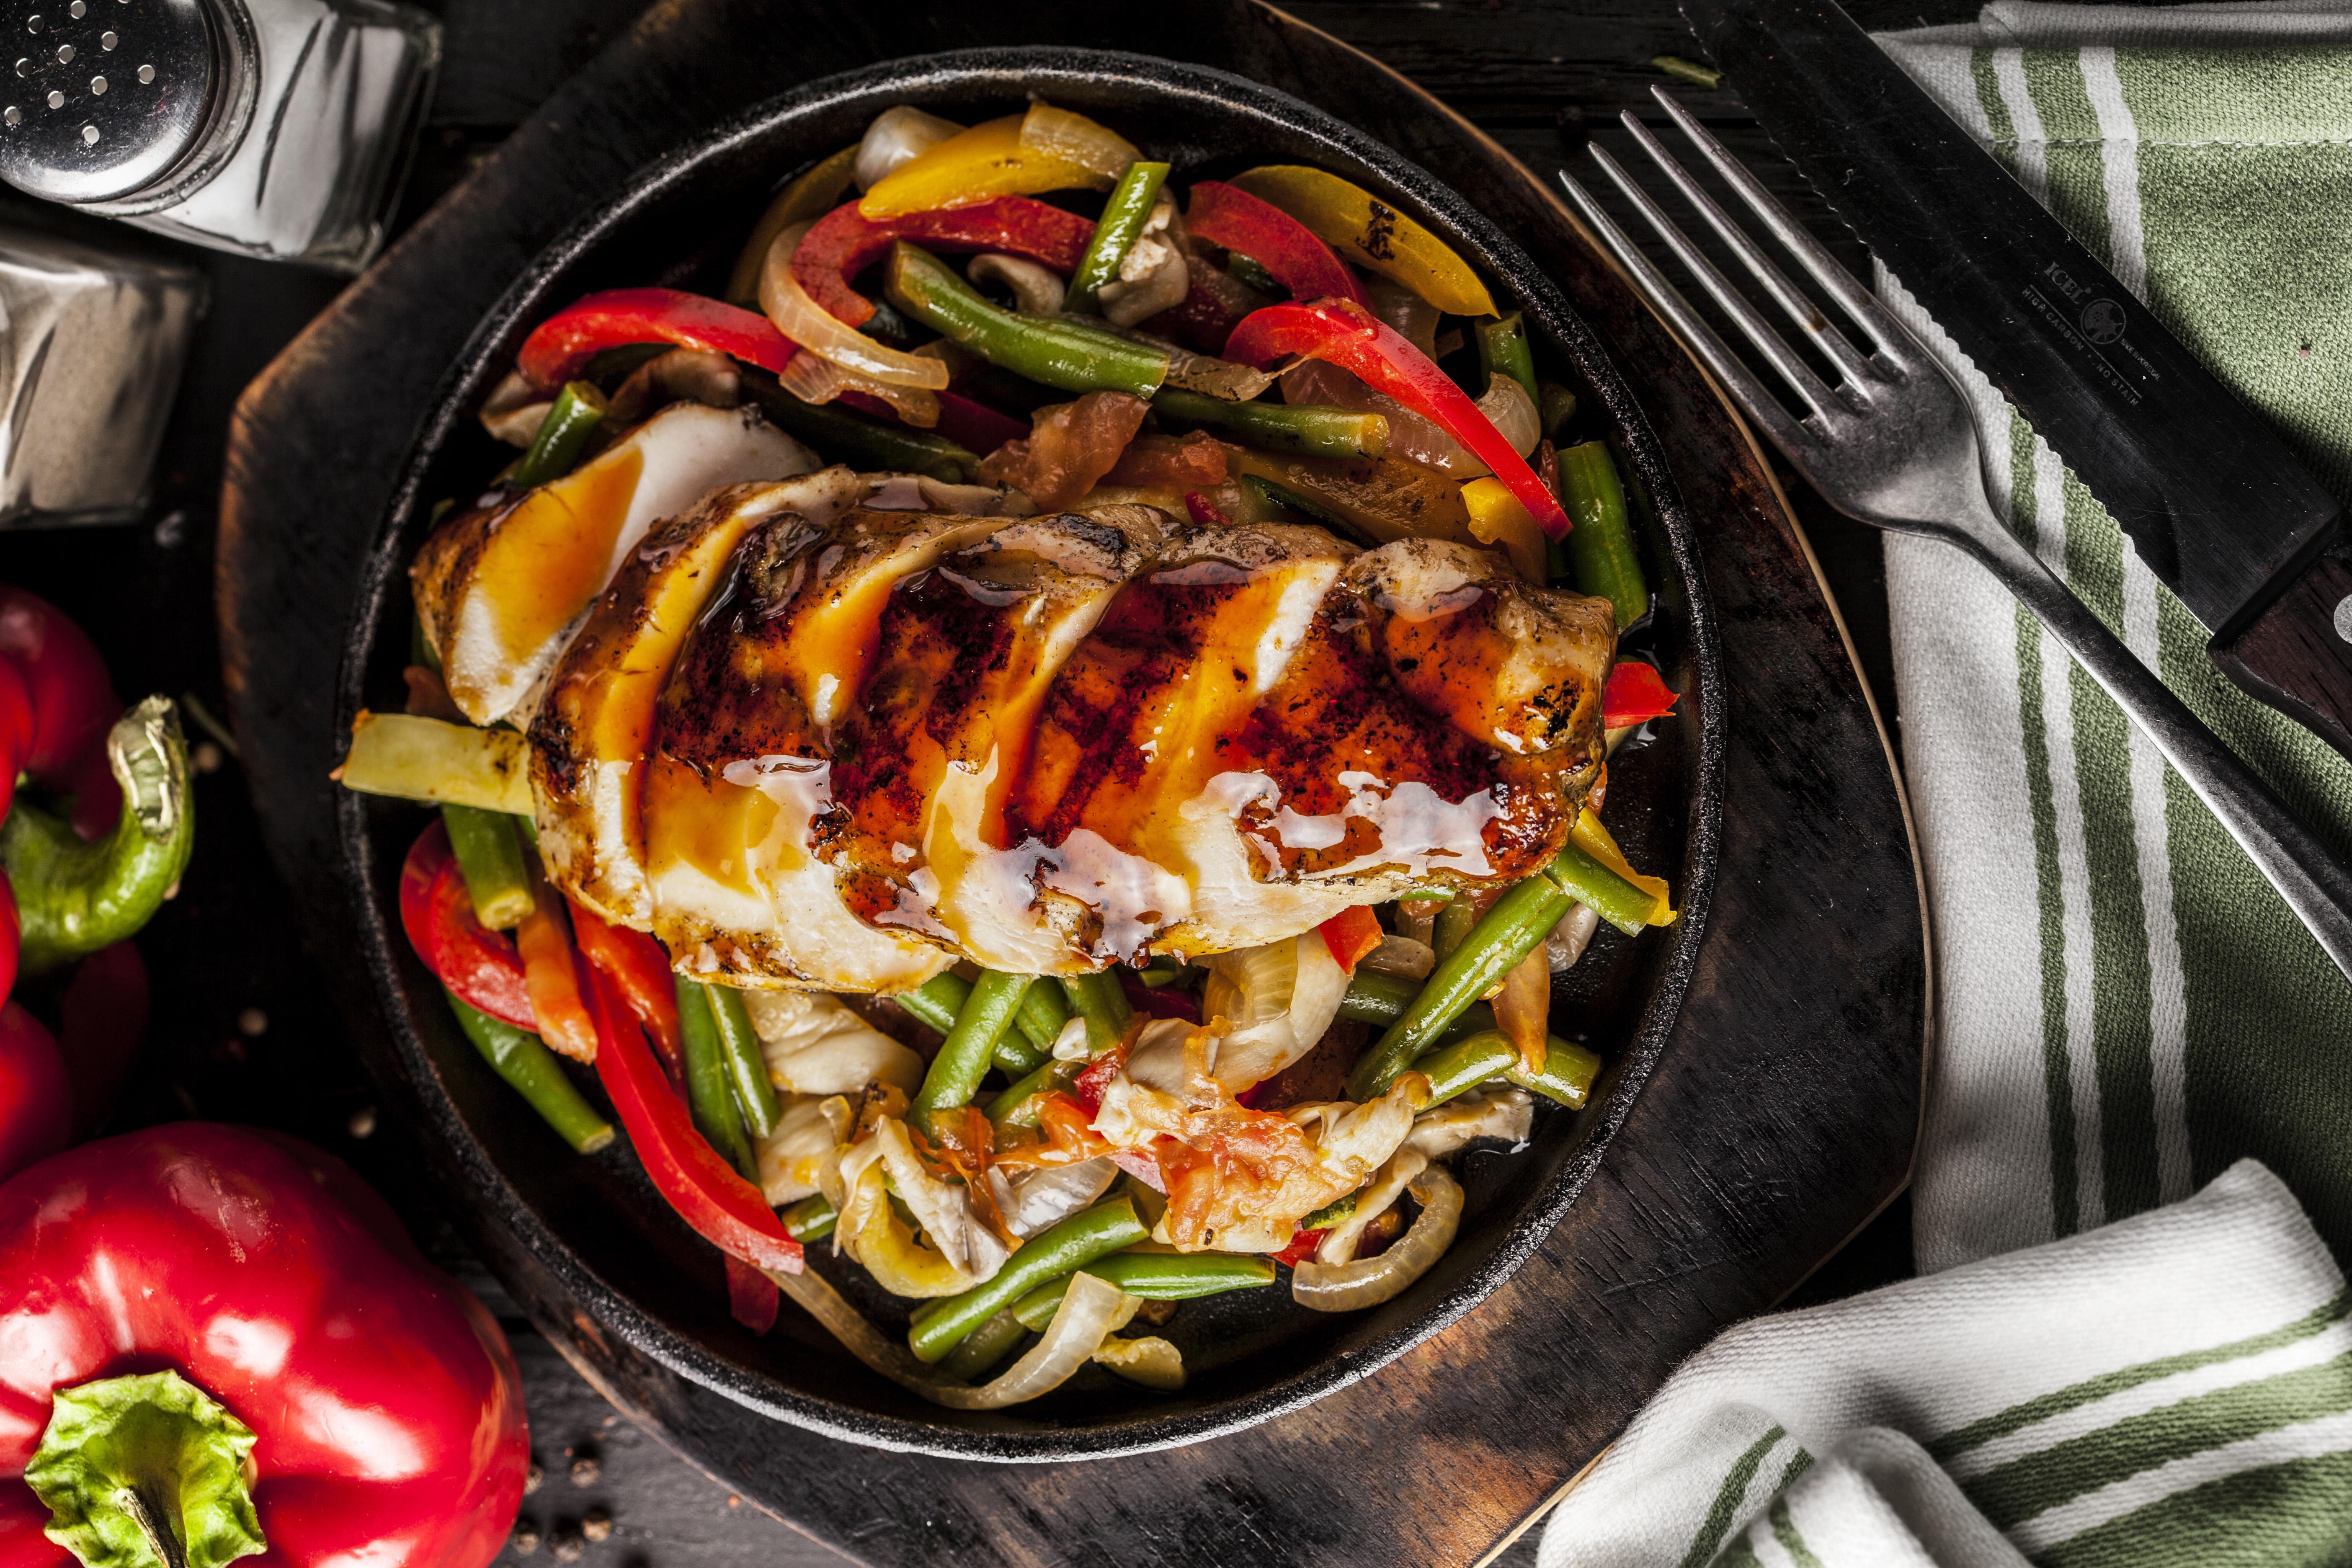 Рулетики из куриной грудки с грибной начинкой в пикантном луковом соусе добавить соль, перец, полстакана воды для лучшего вкуса - куриный бульон.